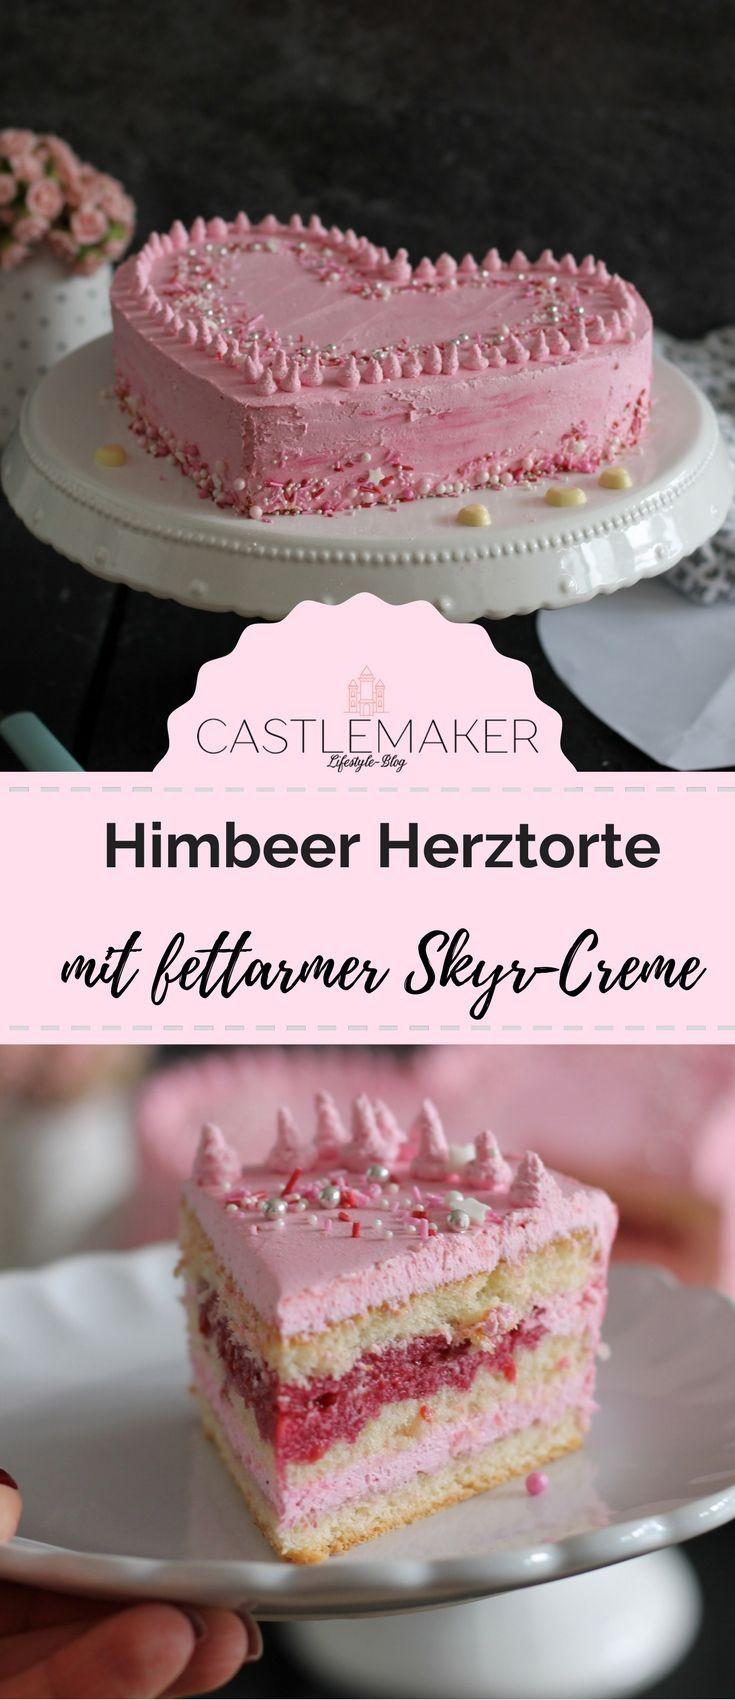 Schnelle Herztorte für den Valentinstag / Muttertag mit fettarmer Skyr-Creme « CASTLEMAKER Lifestyle Blog